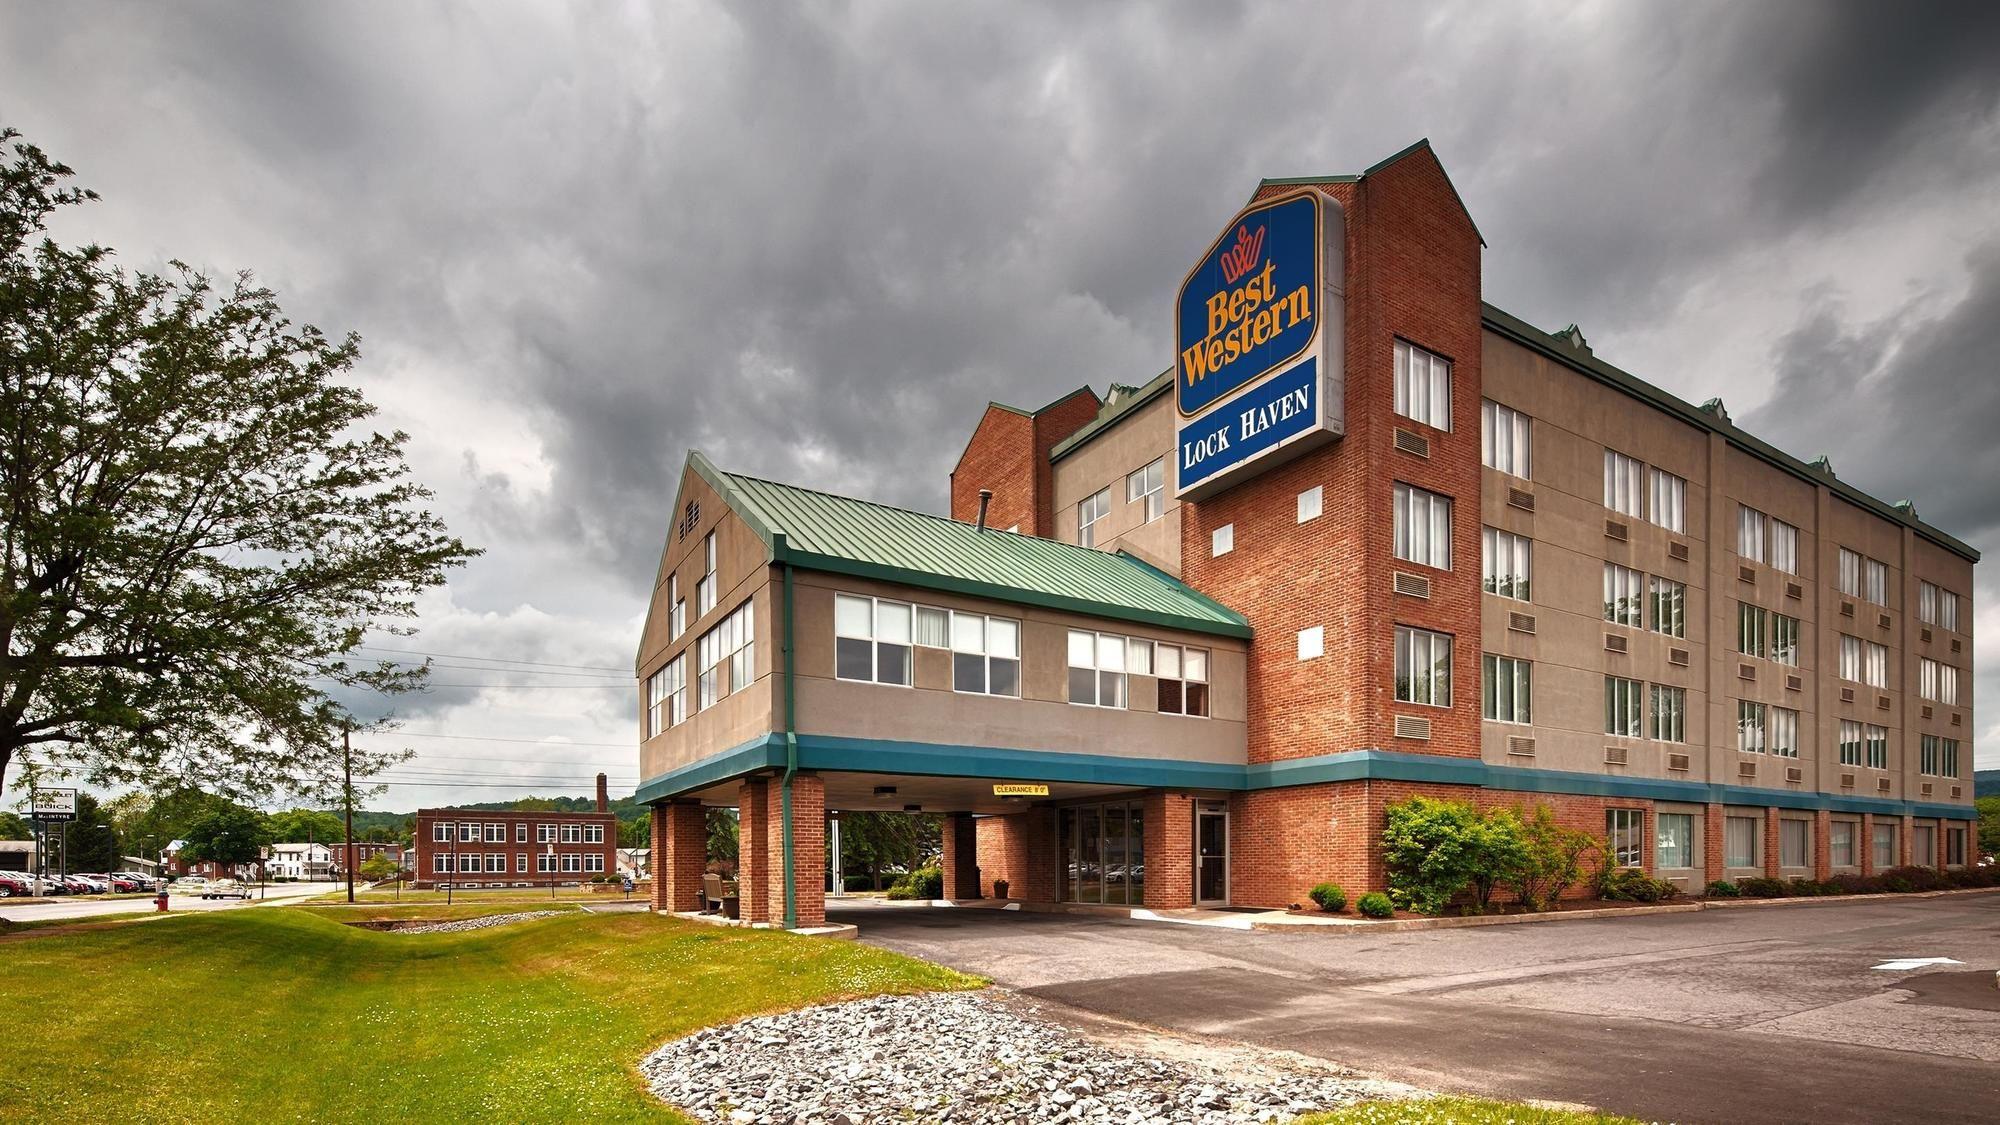 Best Western Hotel Lock Haven Pa